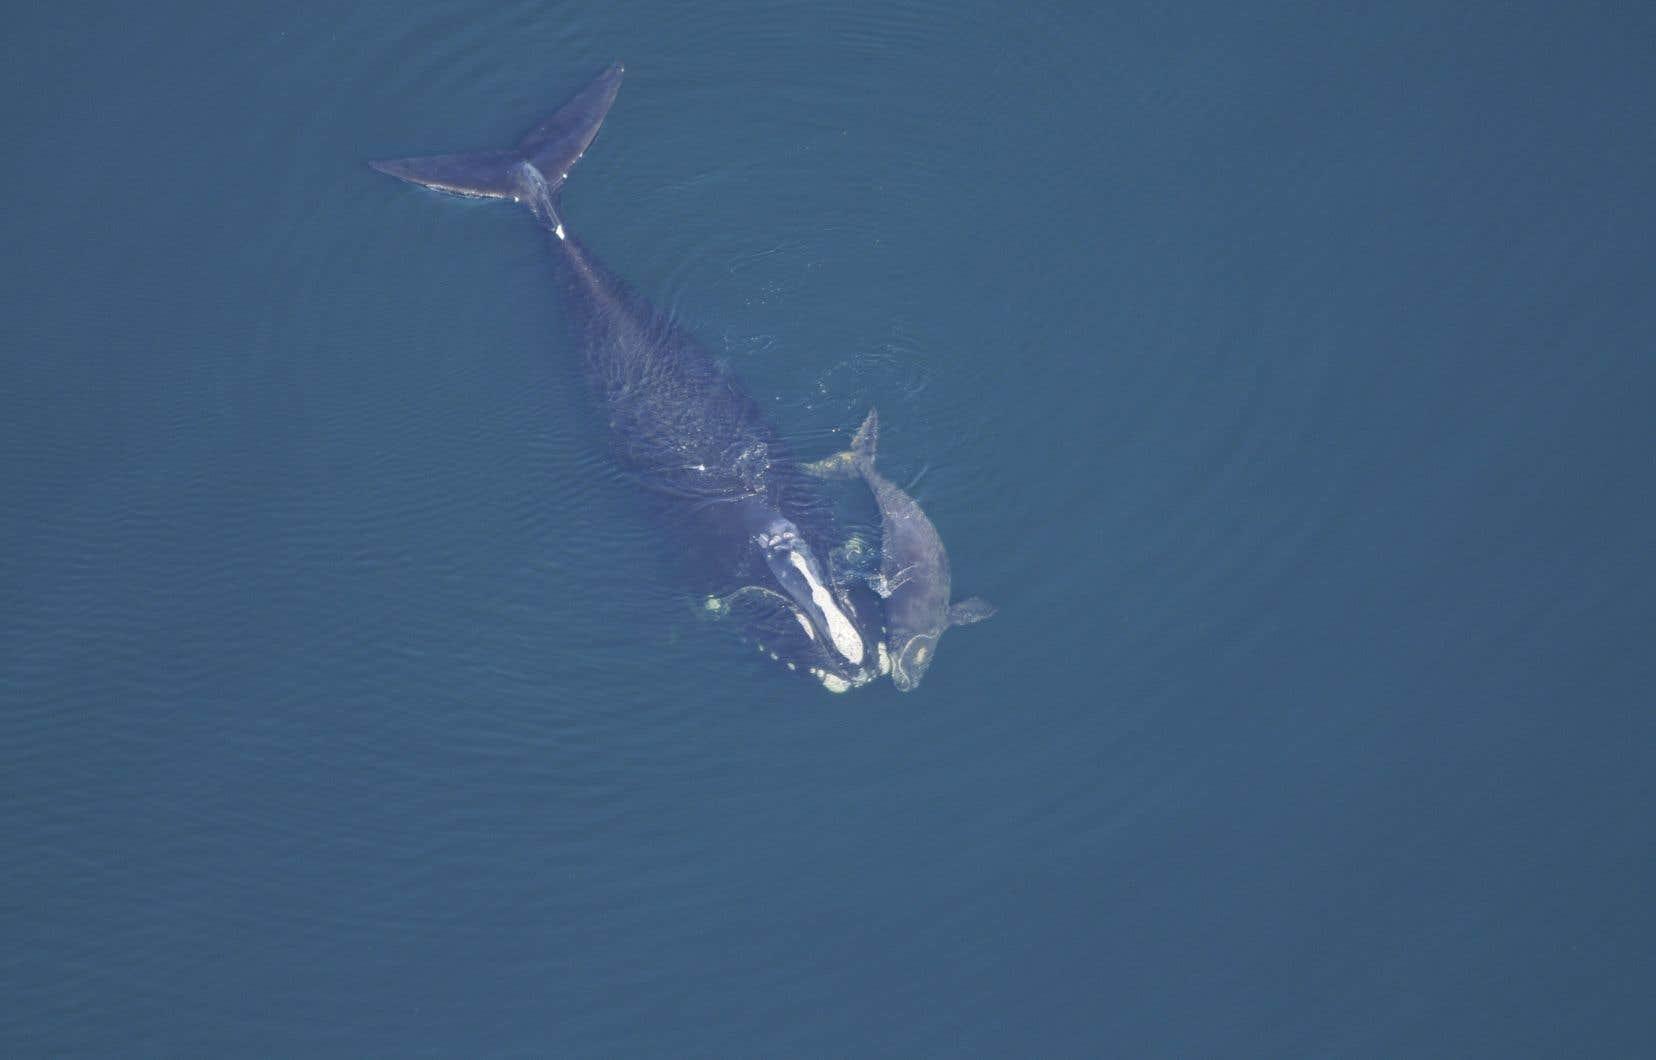 La population de baleines noires a subi un déclin accéléré depuis 2017, notamment après des mortalités records dans le Saint-Laurent.